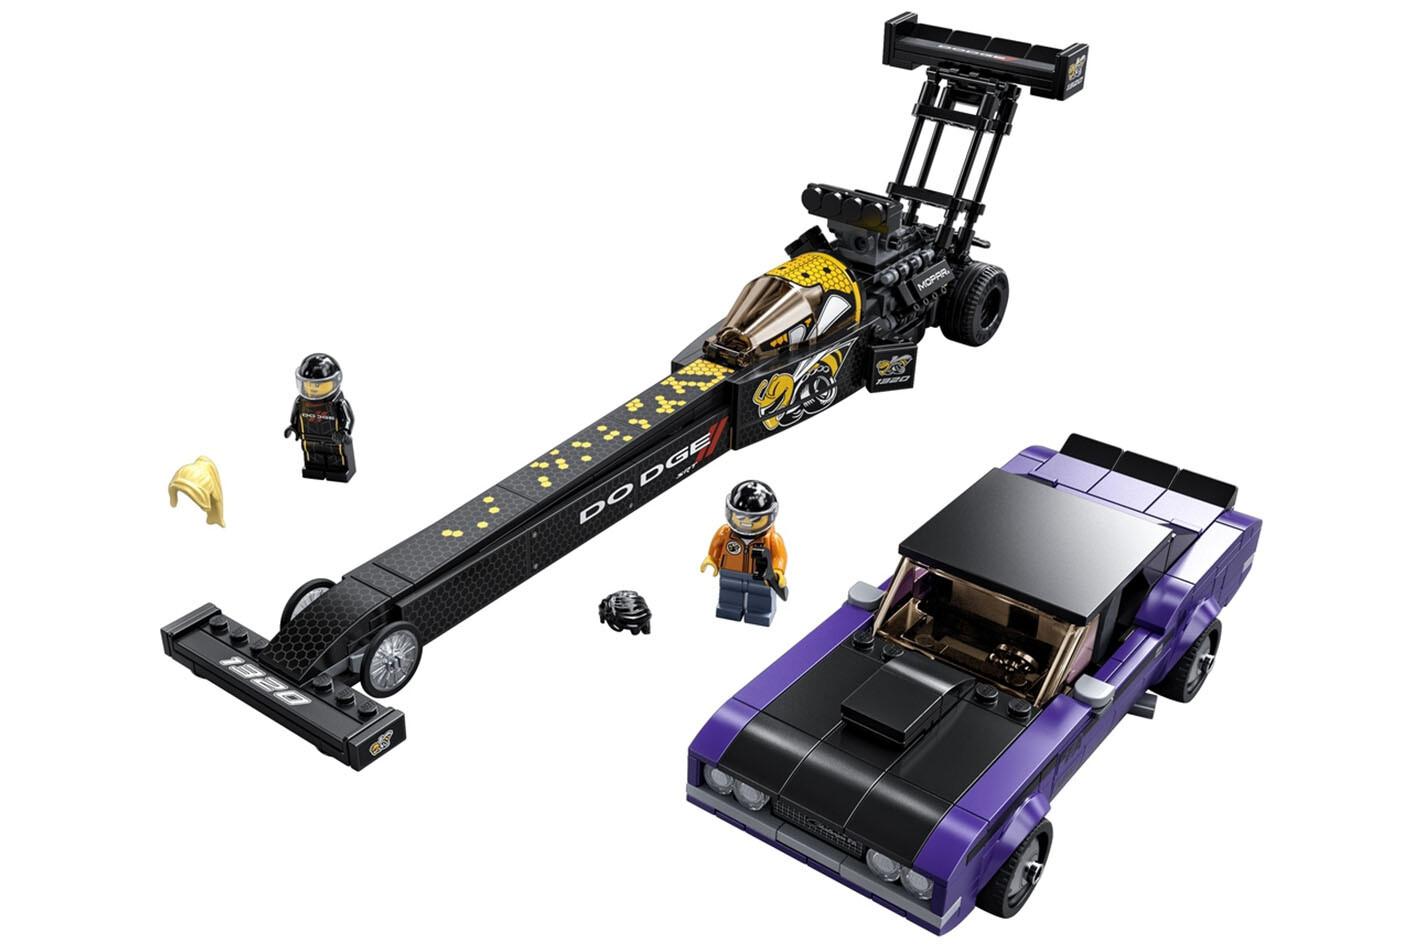 Dodge LEGO set